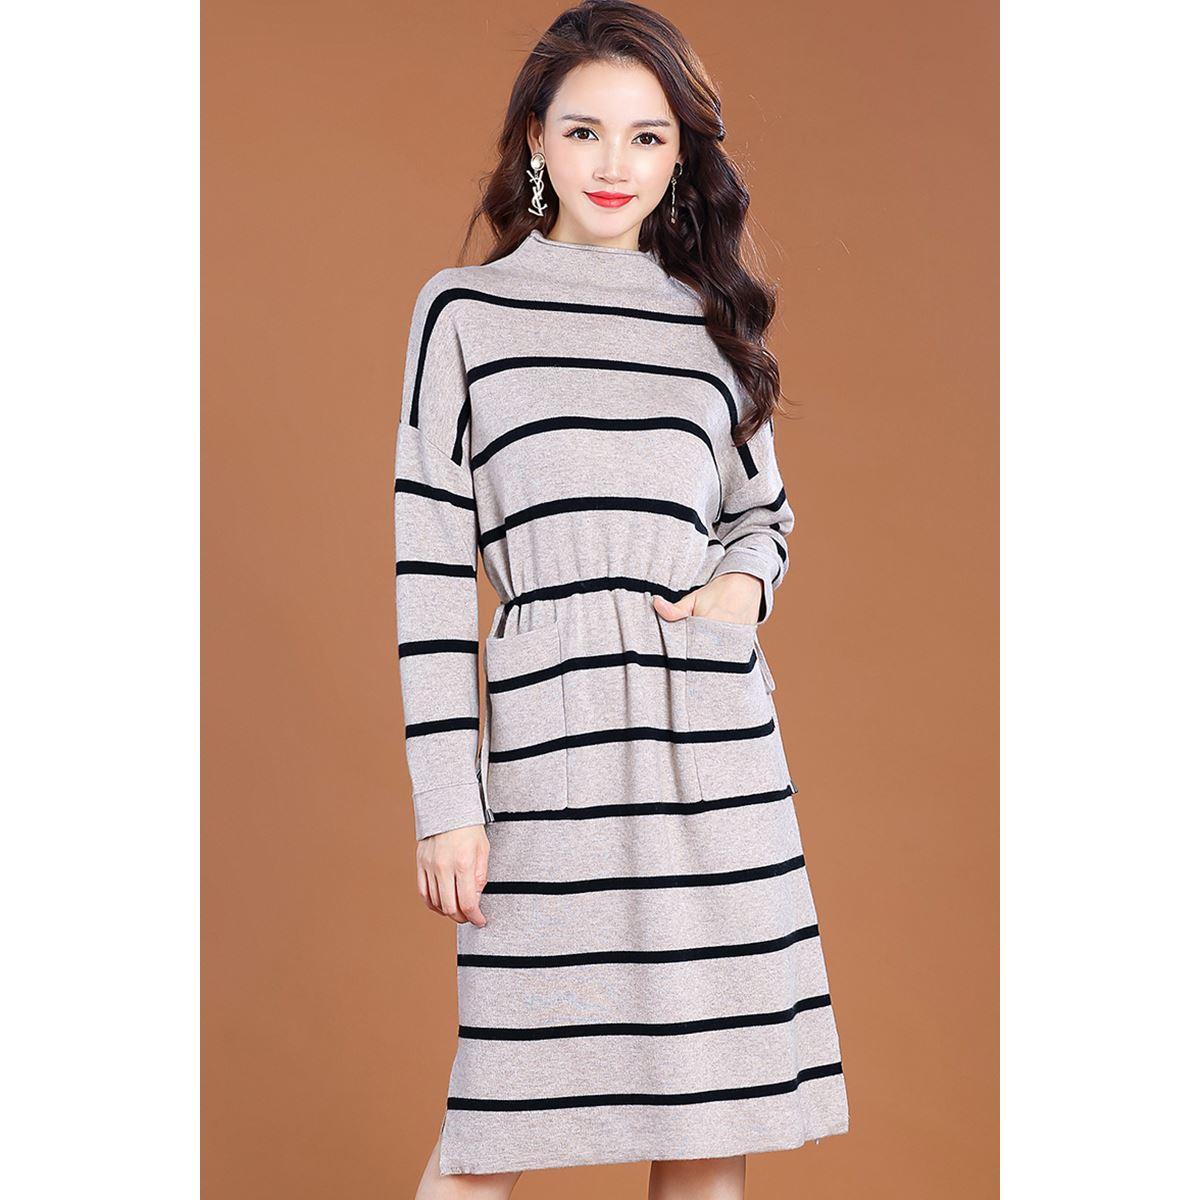 羊毛条纹连衣裙女 两件套套装裙图片